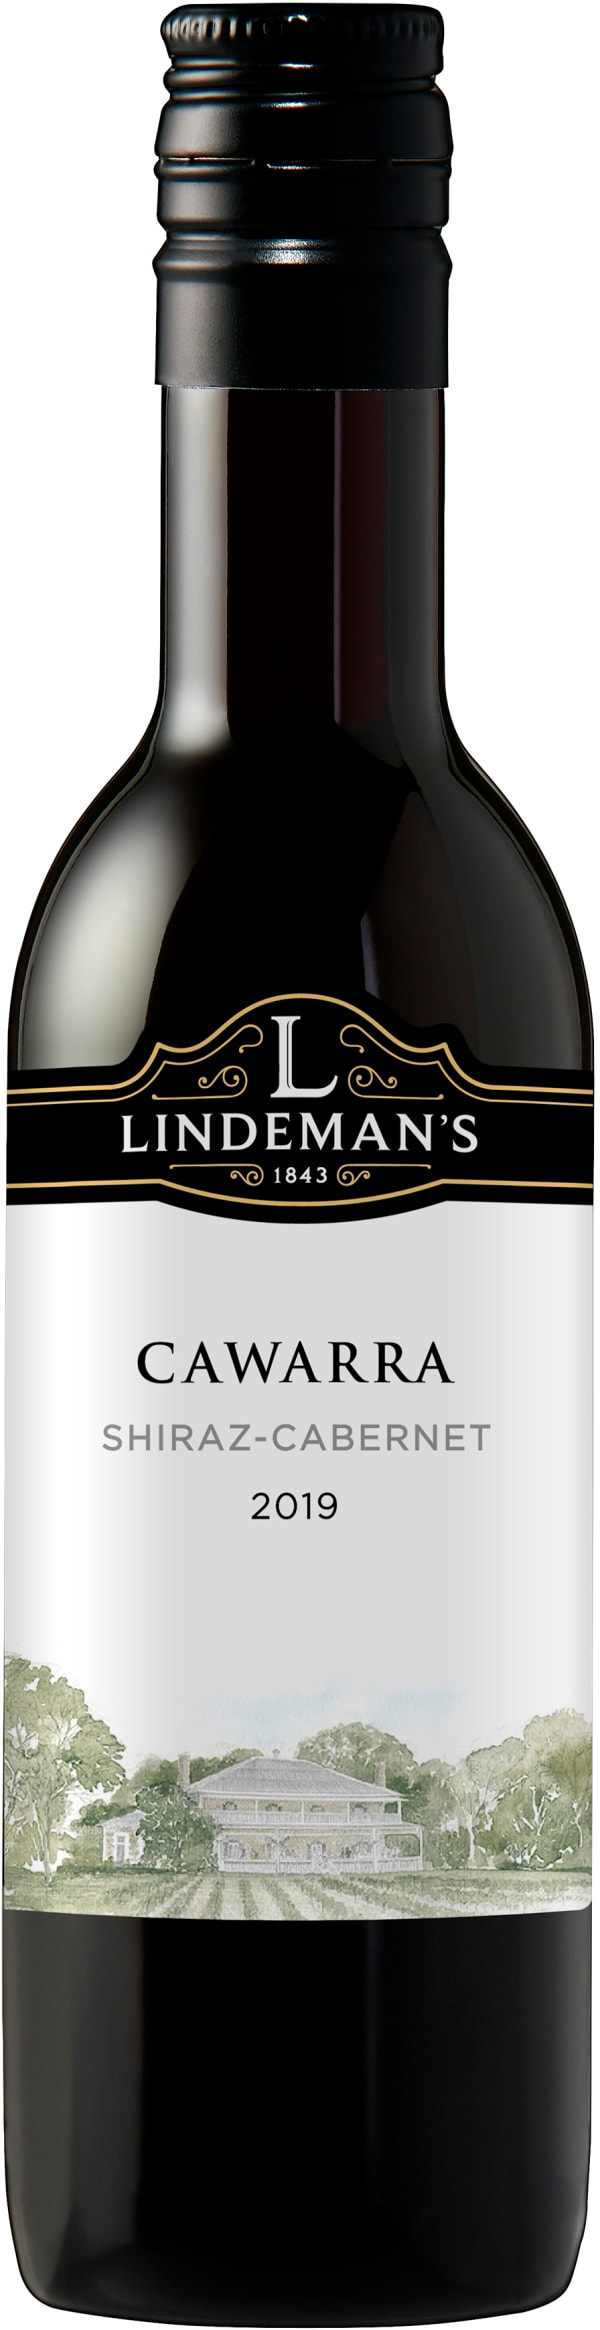 Lindeman's Cawarra Shiraz Cabernet 2019